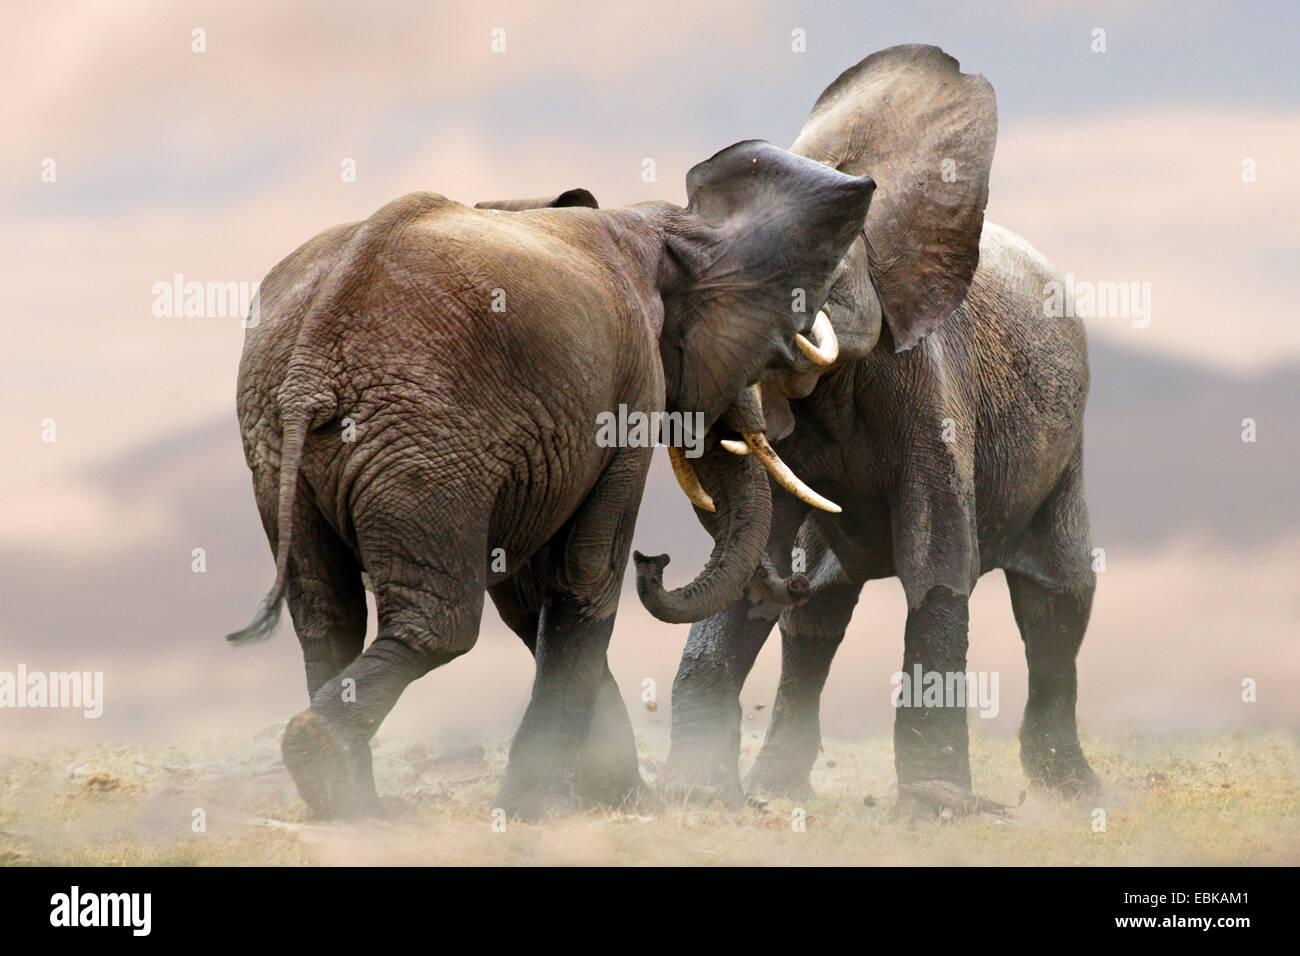 Elefante africano (Loxodonta africana), dos elefantes refriega juntos, Kenya, el Parque Nacional de Amboseli Imagen De Stock